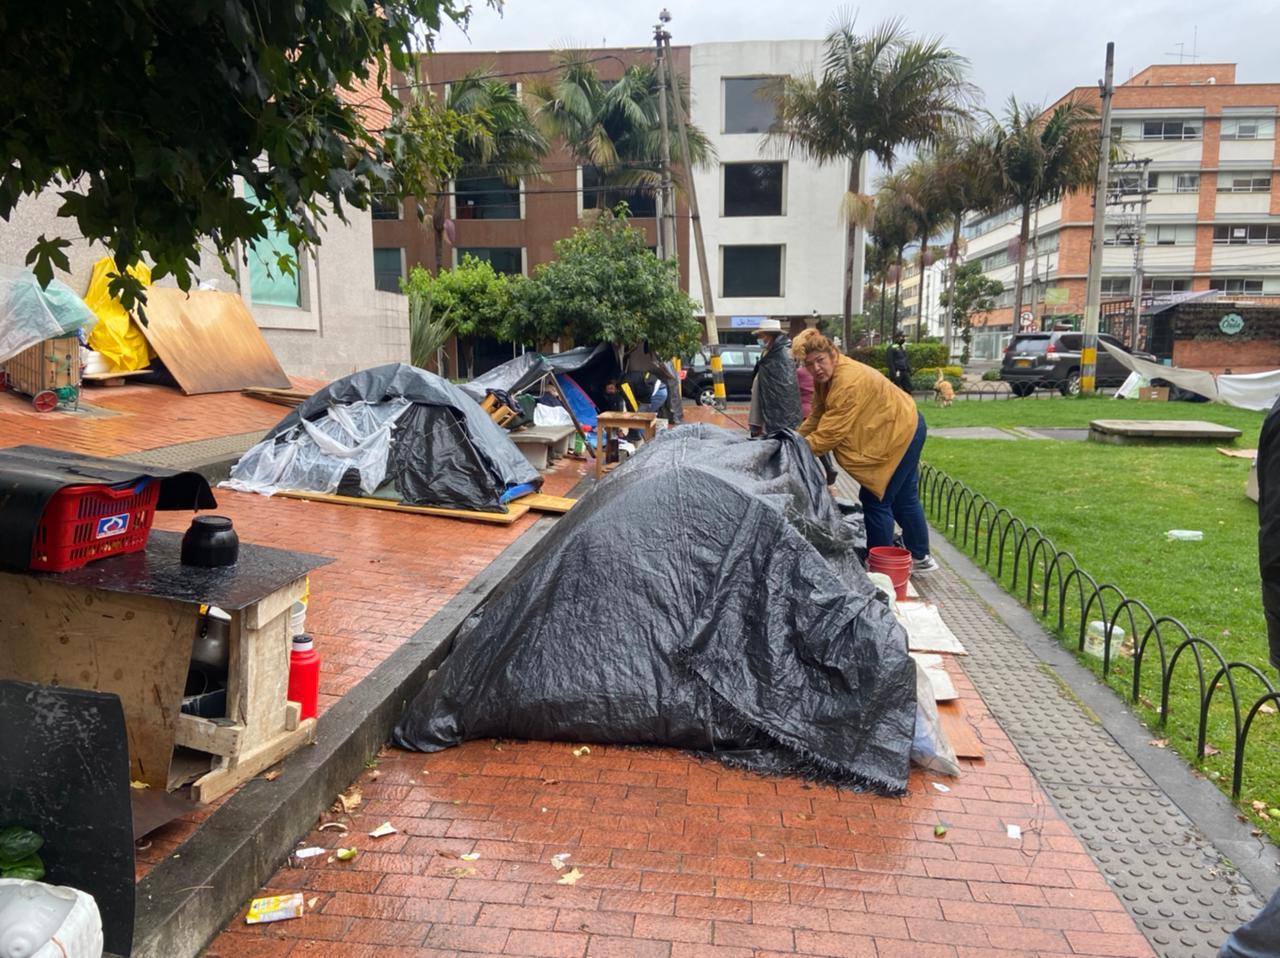 Campesinos desplazados viviendo en una calle de Bogotá.